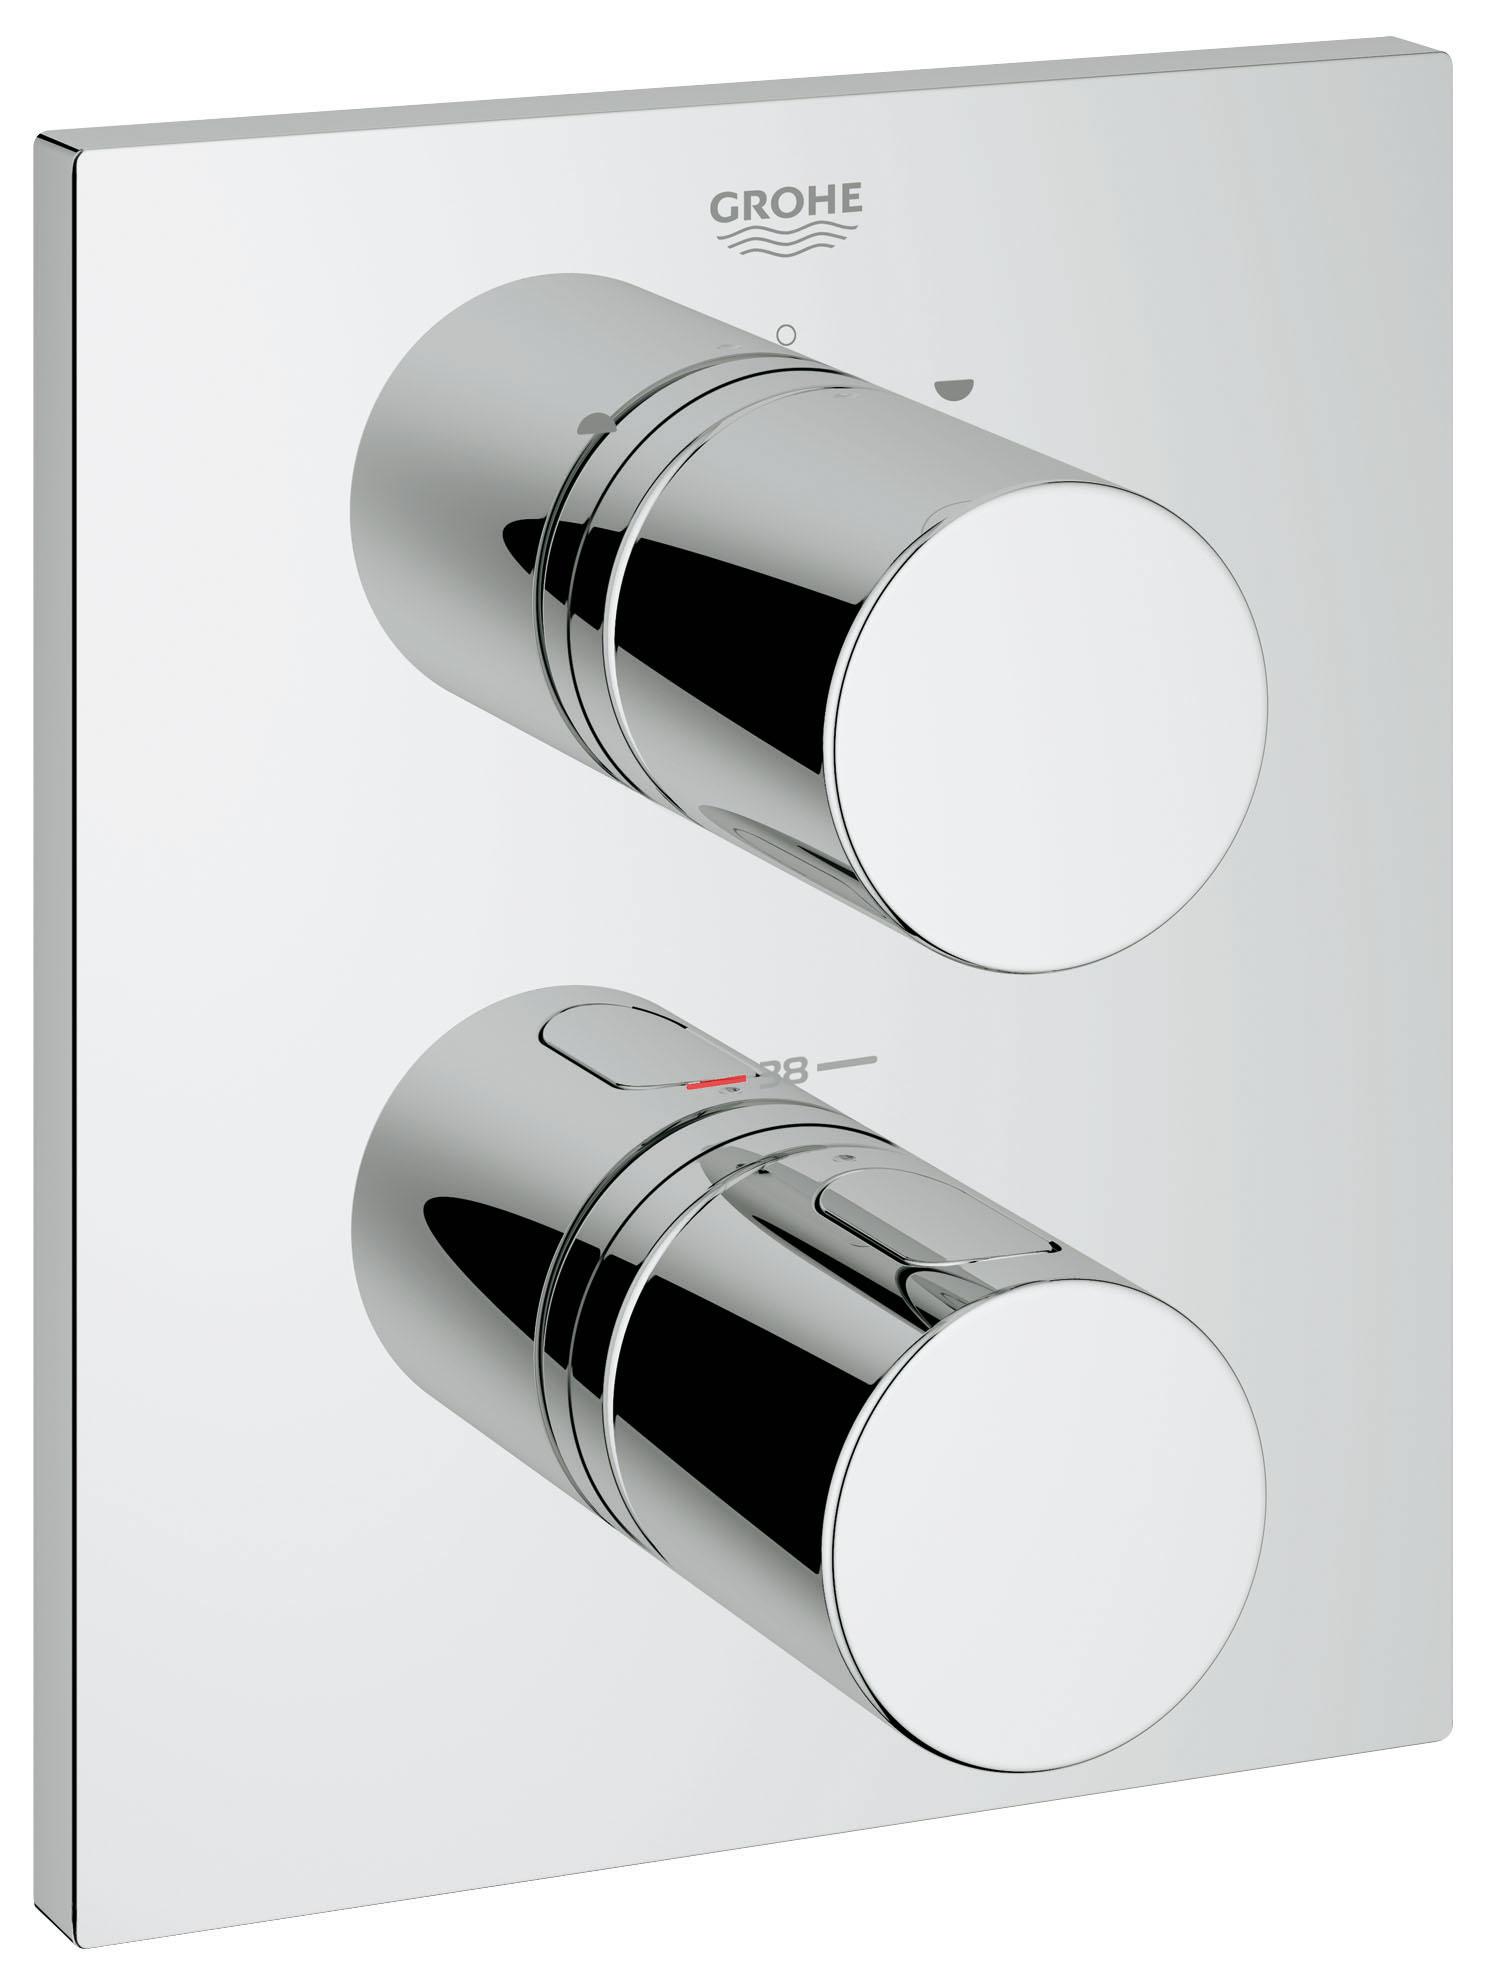 Термостатический смеситель для ванны GROHE Grohtherm 3000 Cosmopolitan (внешняя панель для арт. 35500000) (19567000)  grohe grohtherm 3000 cosmopolitan 19567000 для ванны с душем